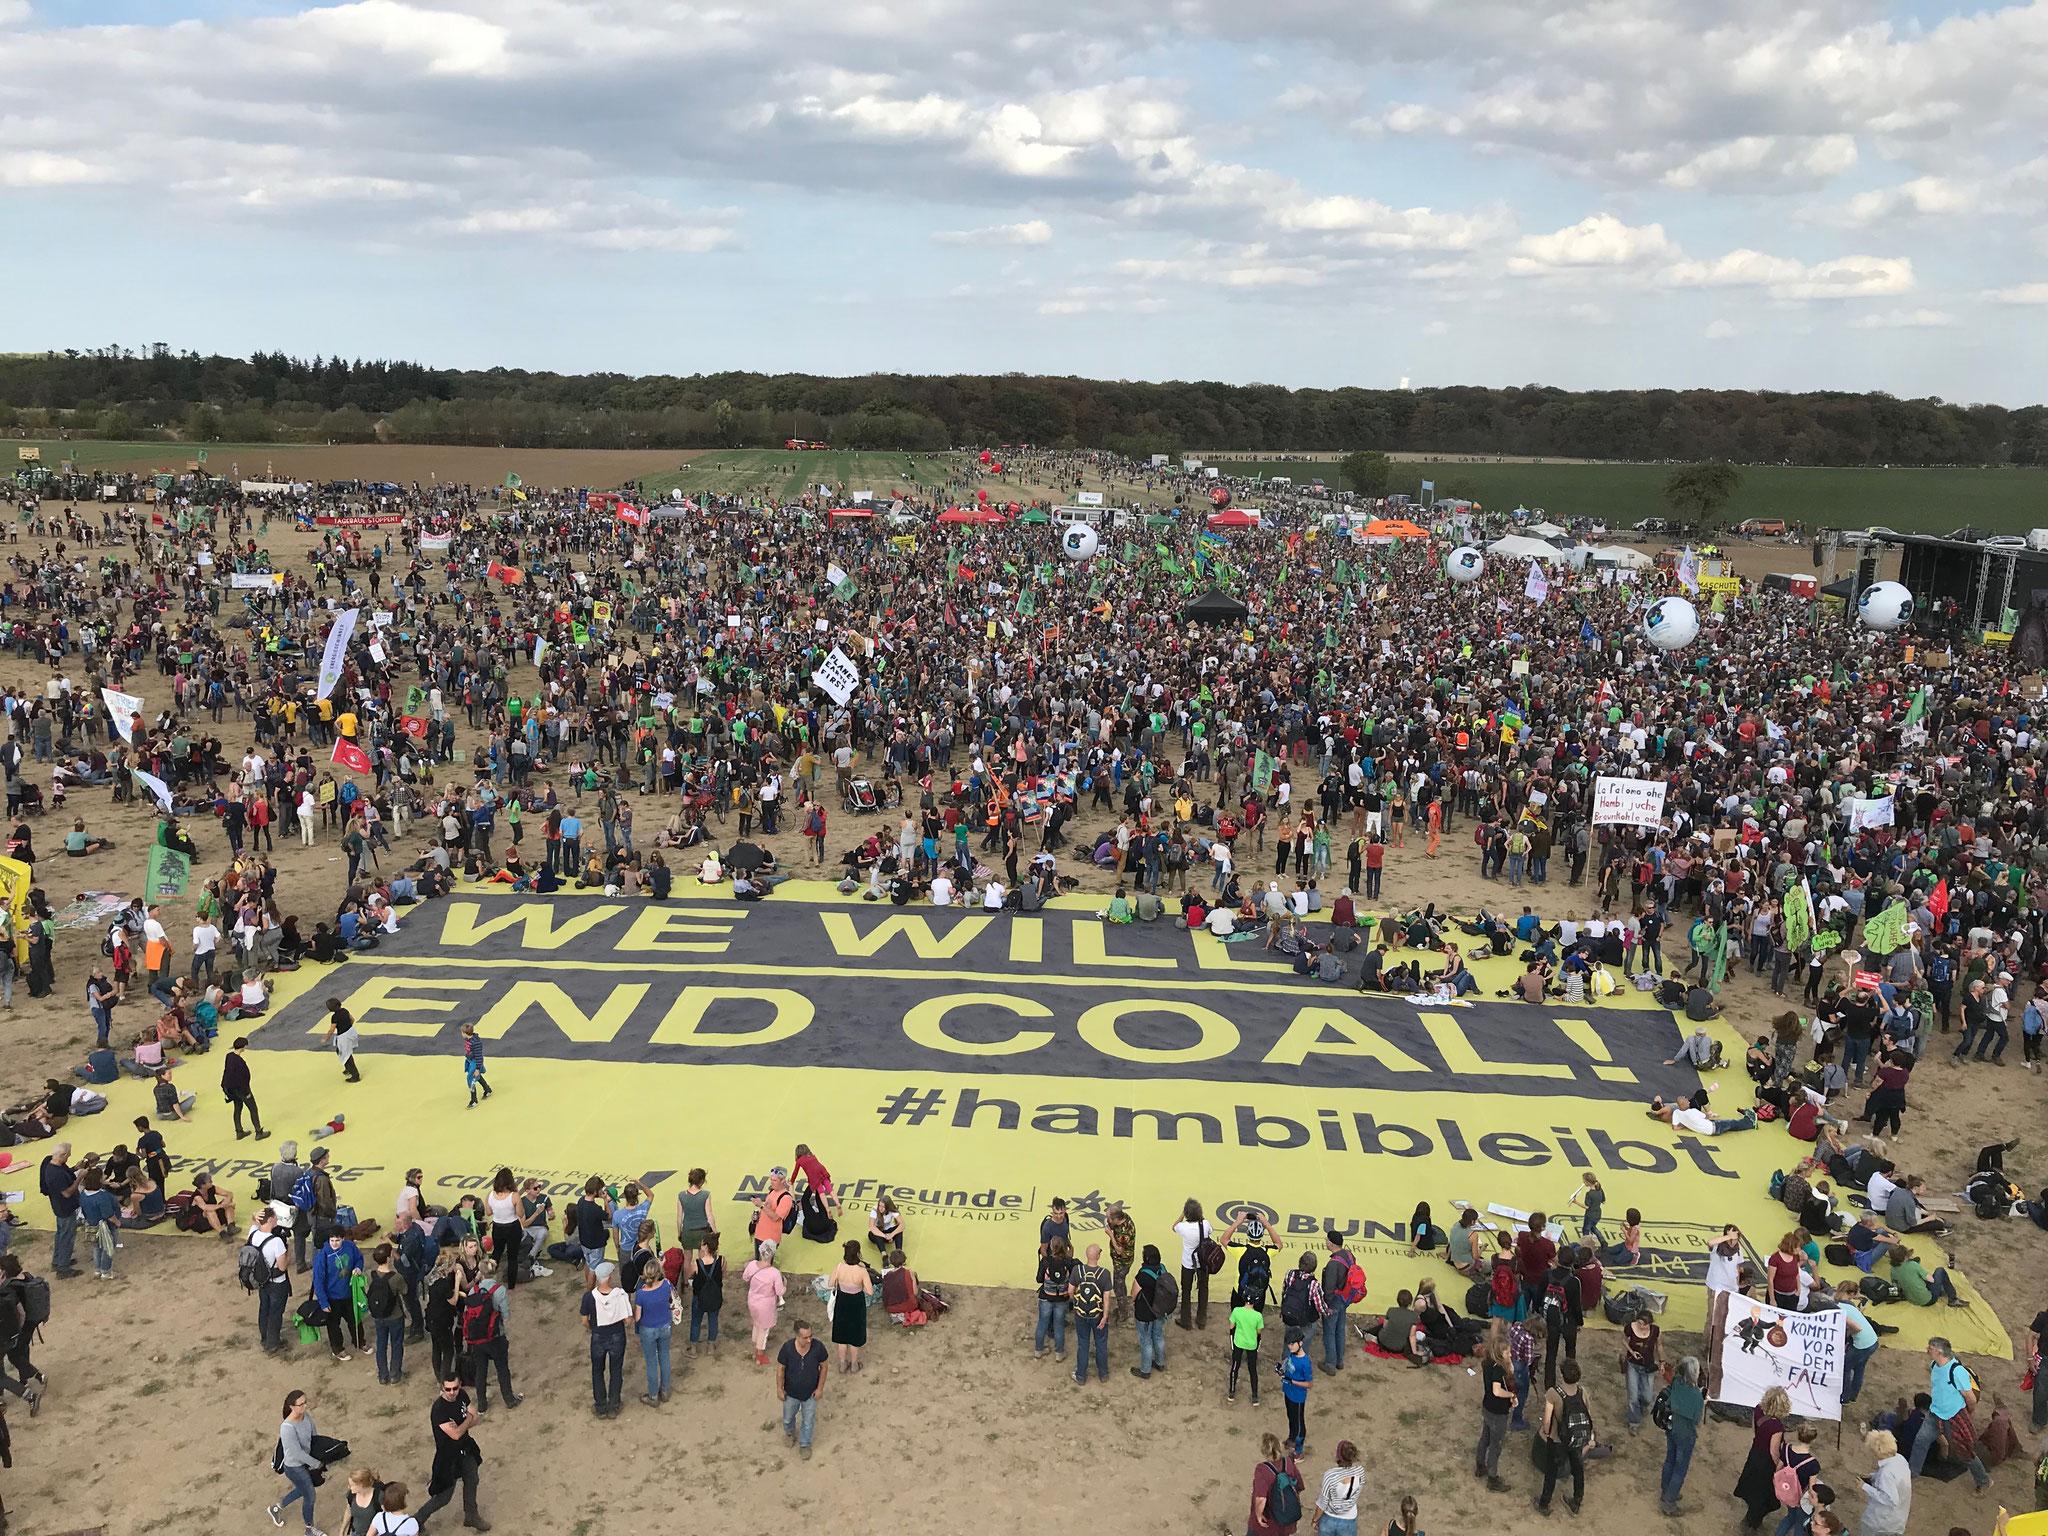 Großdemostration am Hambacher Forst - Das Foto habe ich von einem Kran aus gemacht.